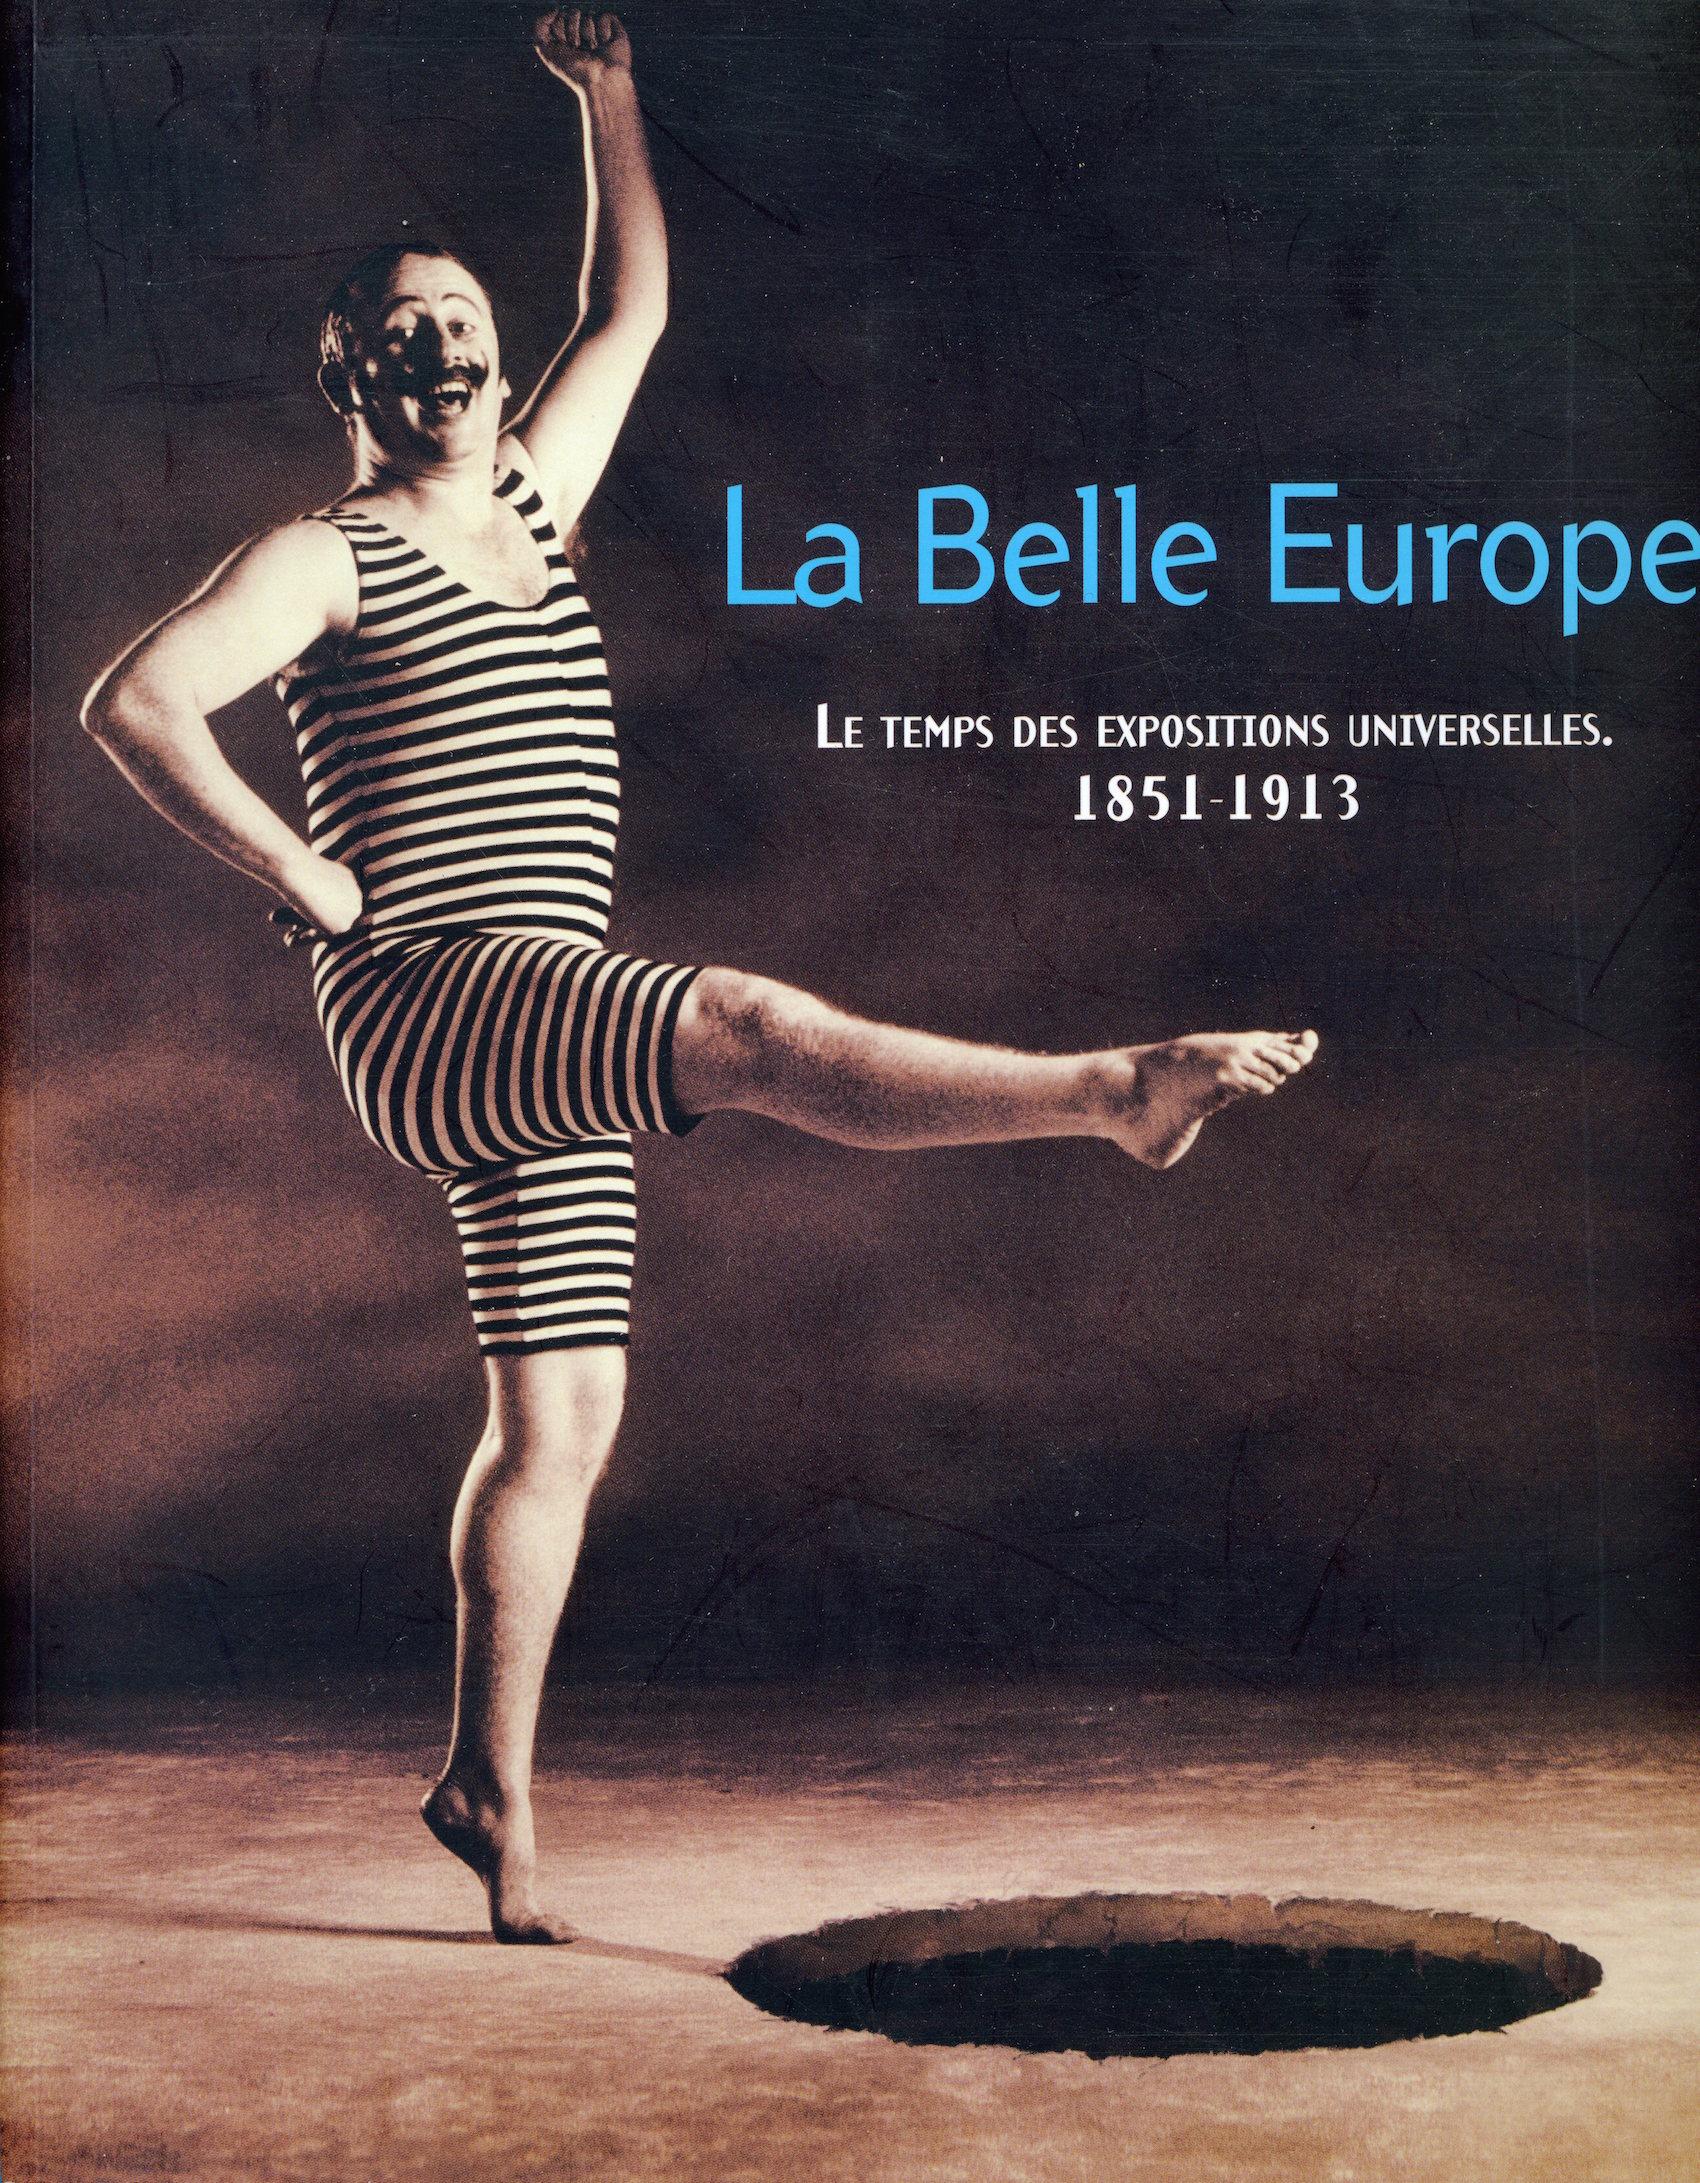 La Belle Europe